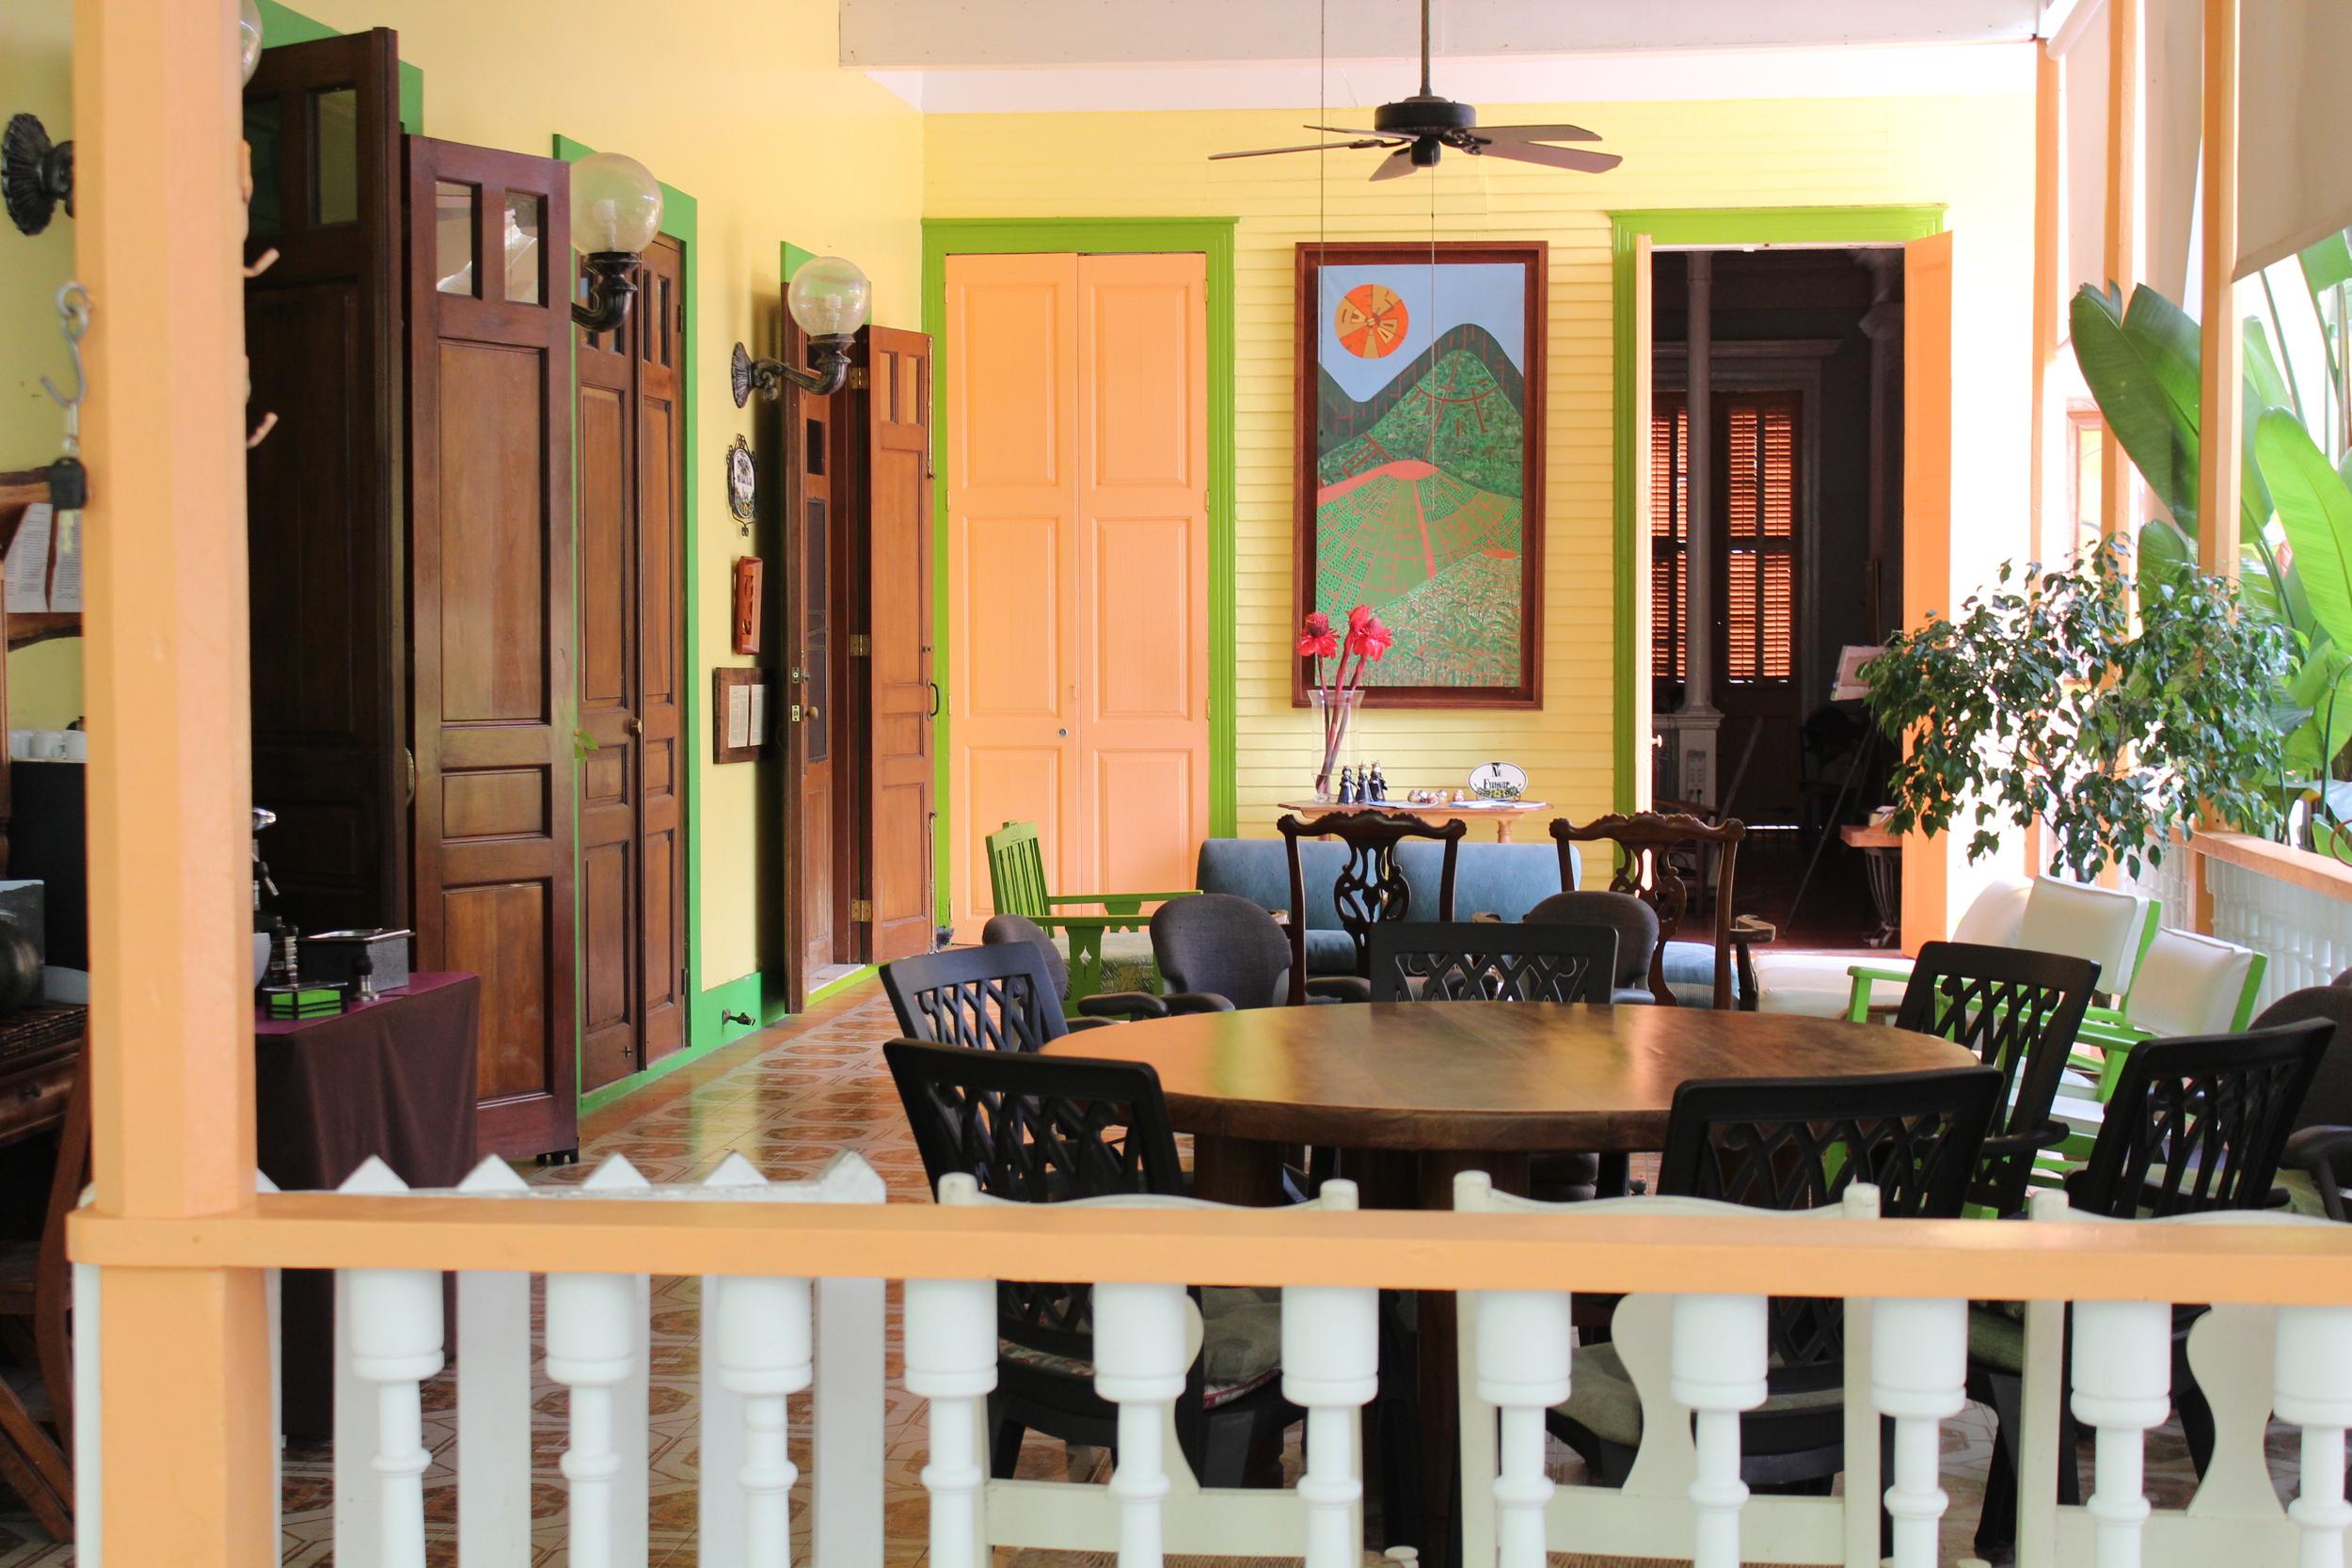 En la Hacienda Luz de Luna se vive una experiencia gastronómica, agroturística, patriótica y de vida. Foto: Pamy Rojas